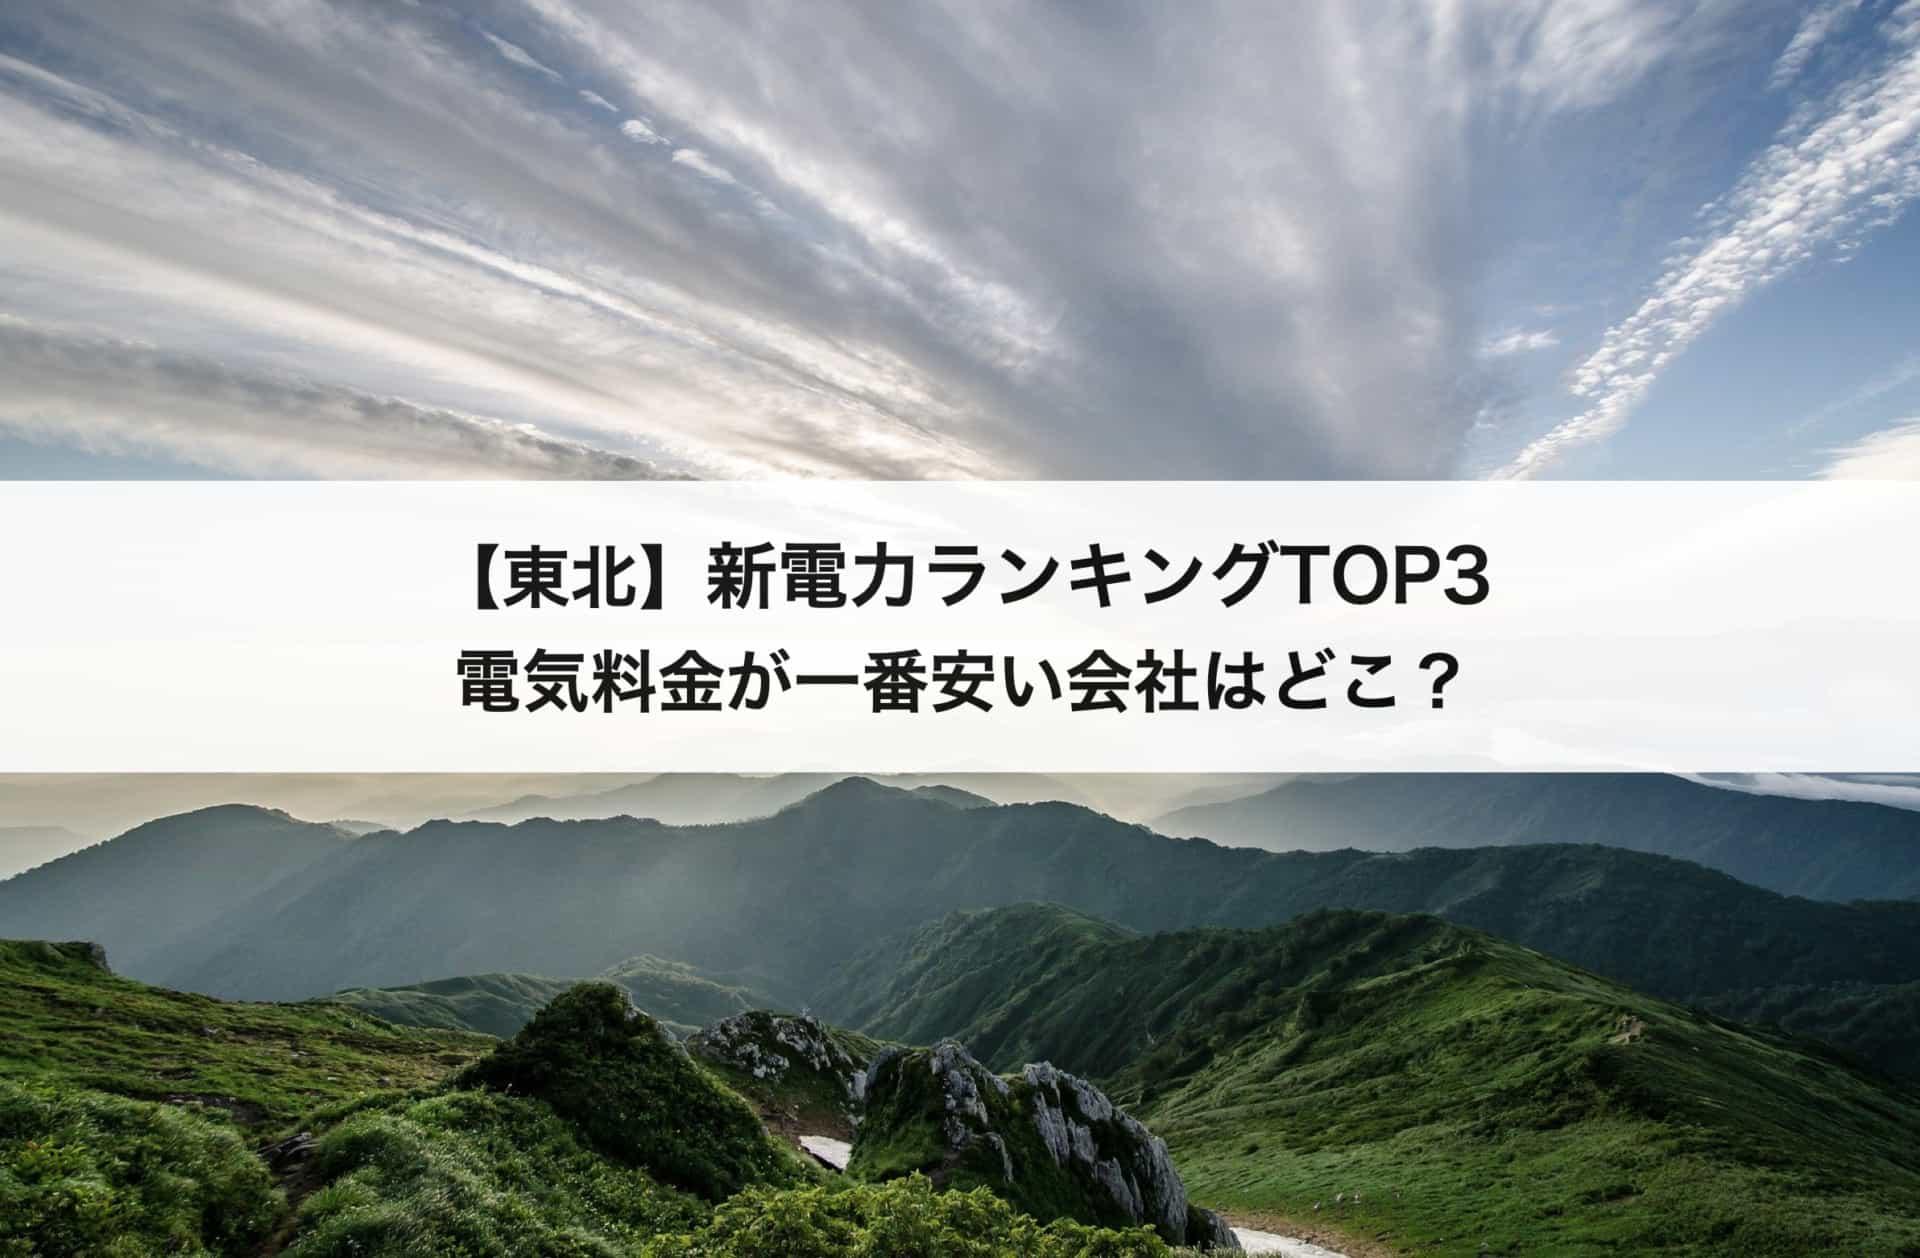 【東北】新電力会社おすすめランキングTOP3|電気料金が一番安い会社はどこ?